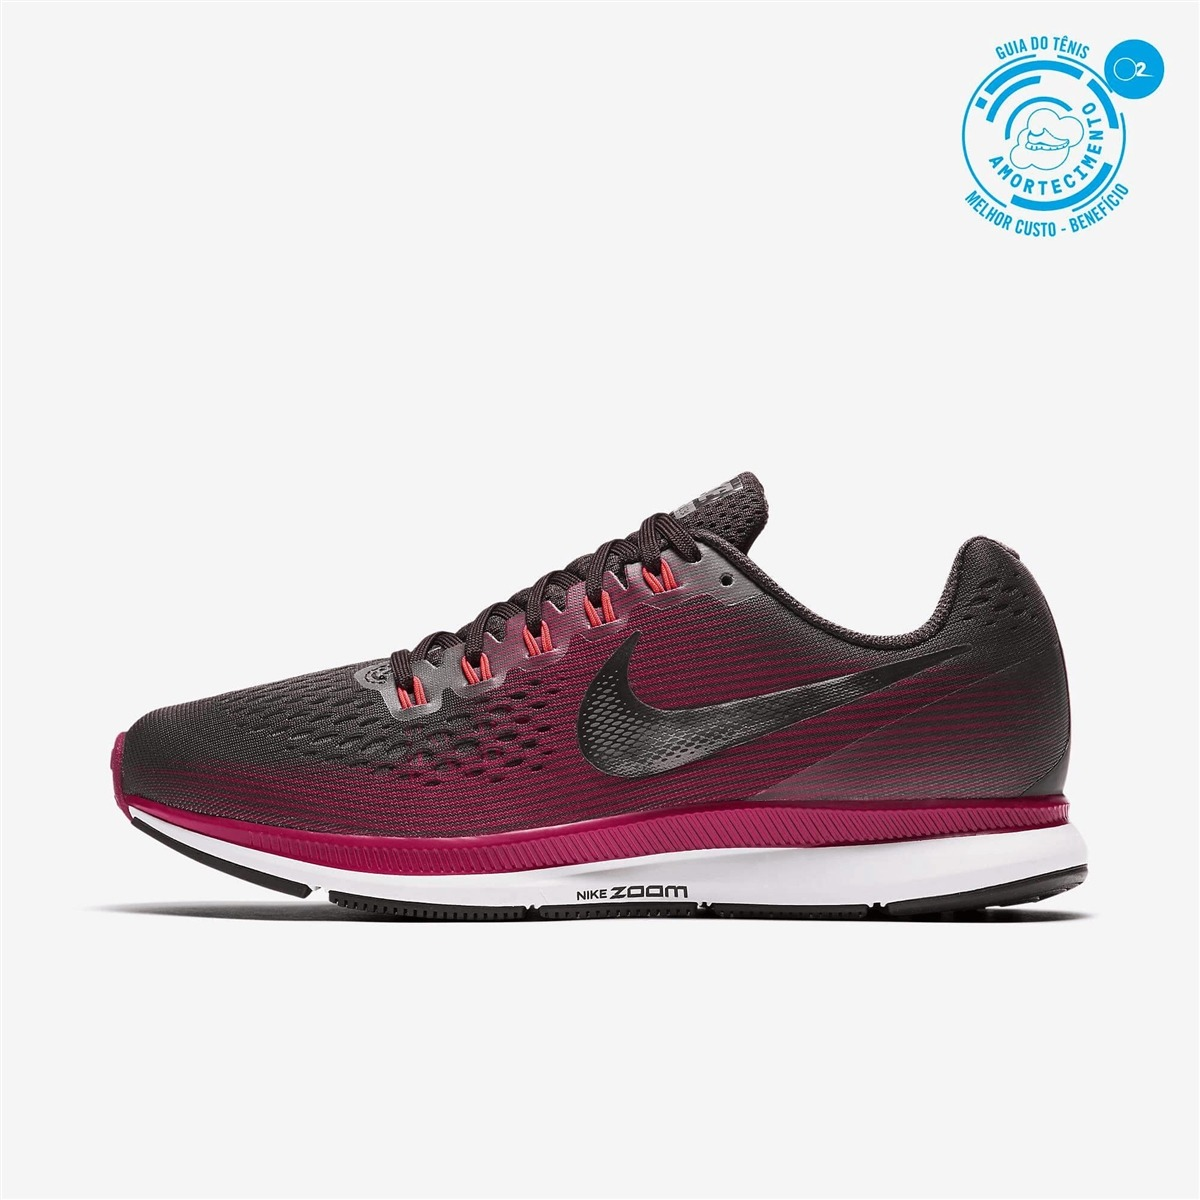 Tenis Nike Air Zoom Pegasus 34 Gem Feminino Original Nota